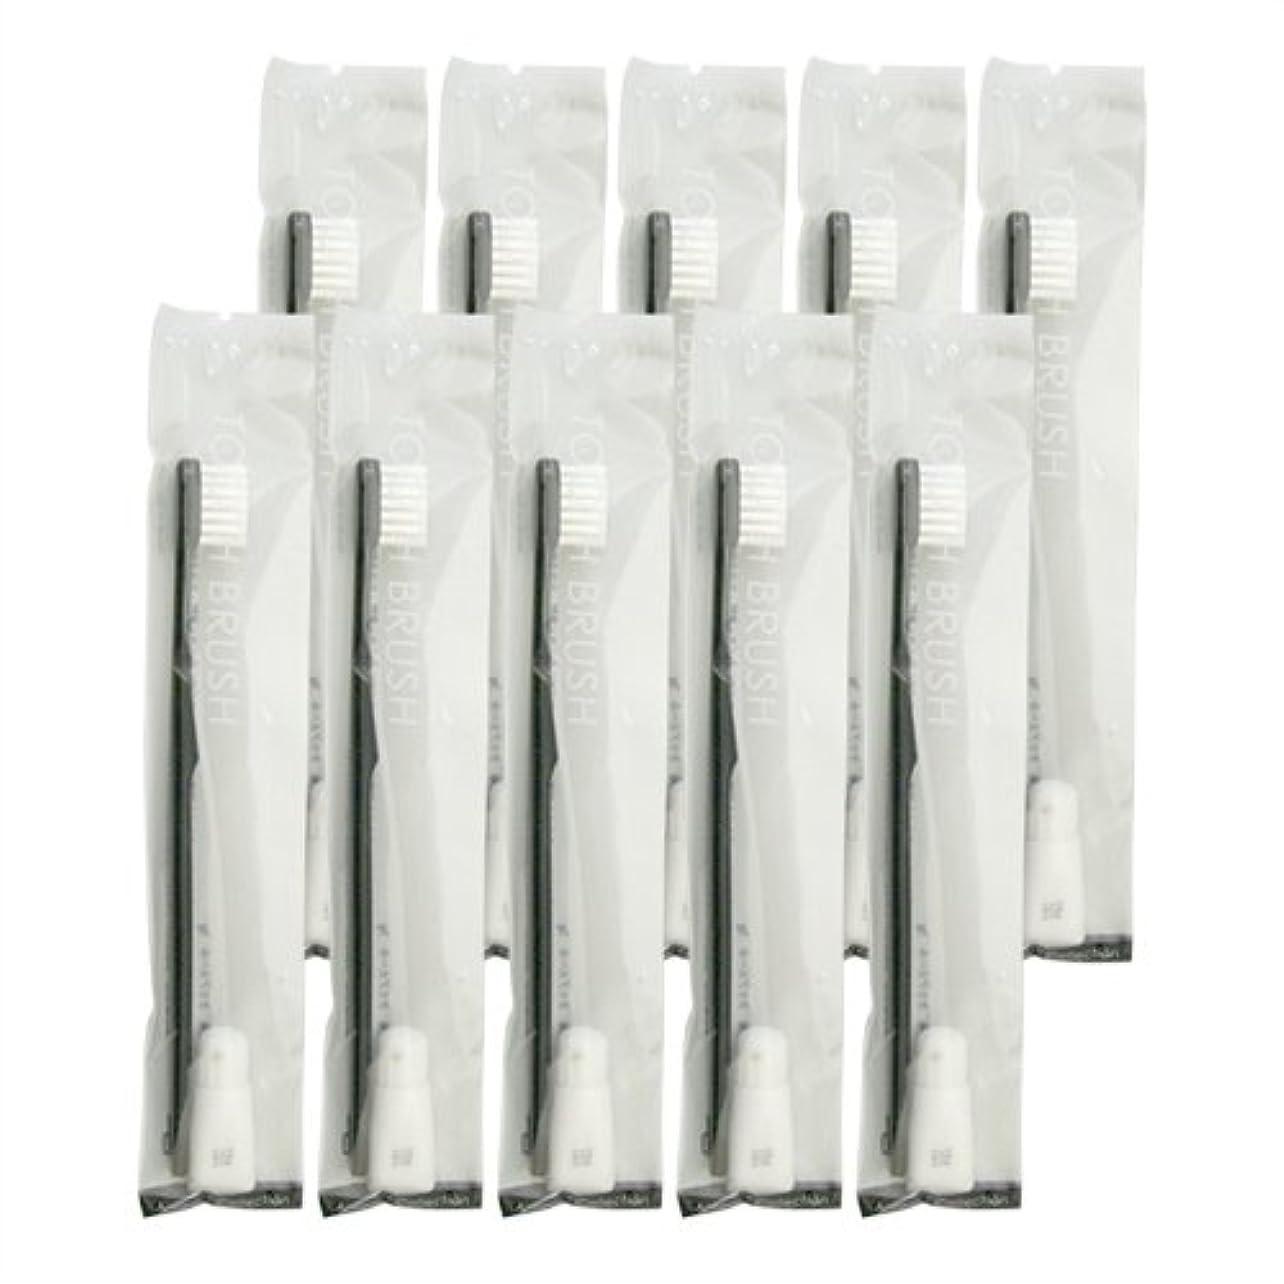 ベジタリアンはずトラブル業務用 使い捨て歯ブラシ チューブ歯磨き粉(3g)付き ブラック 10本セット│ホテルアメニティ 個包装タイプ